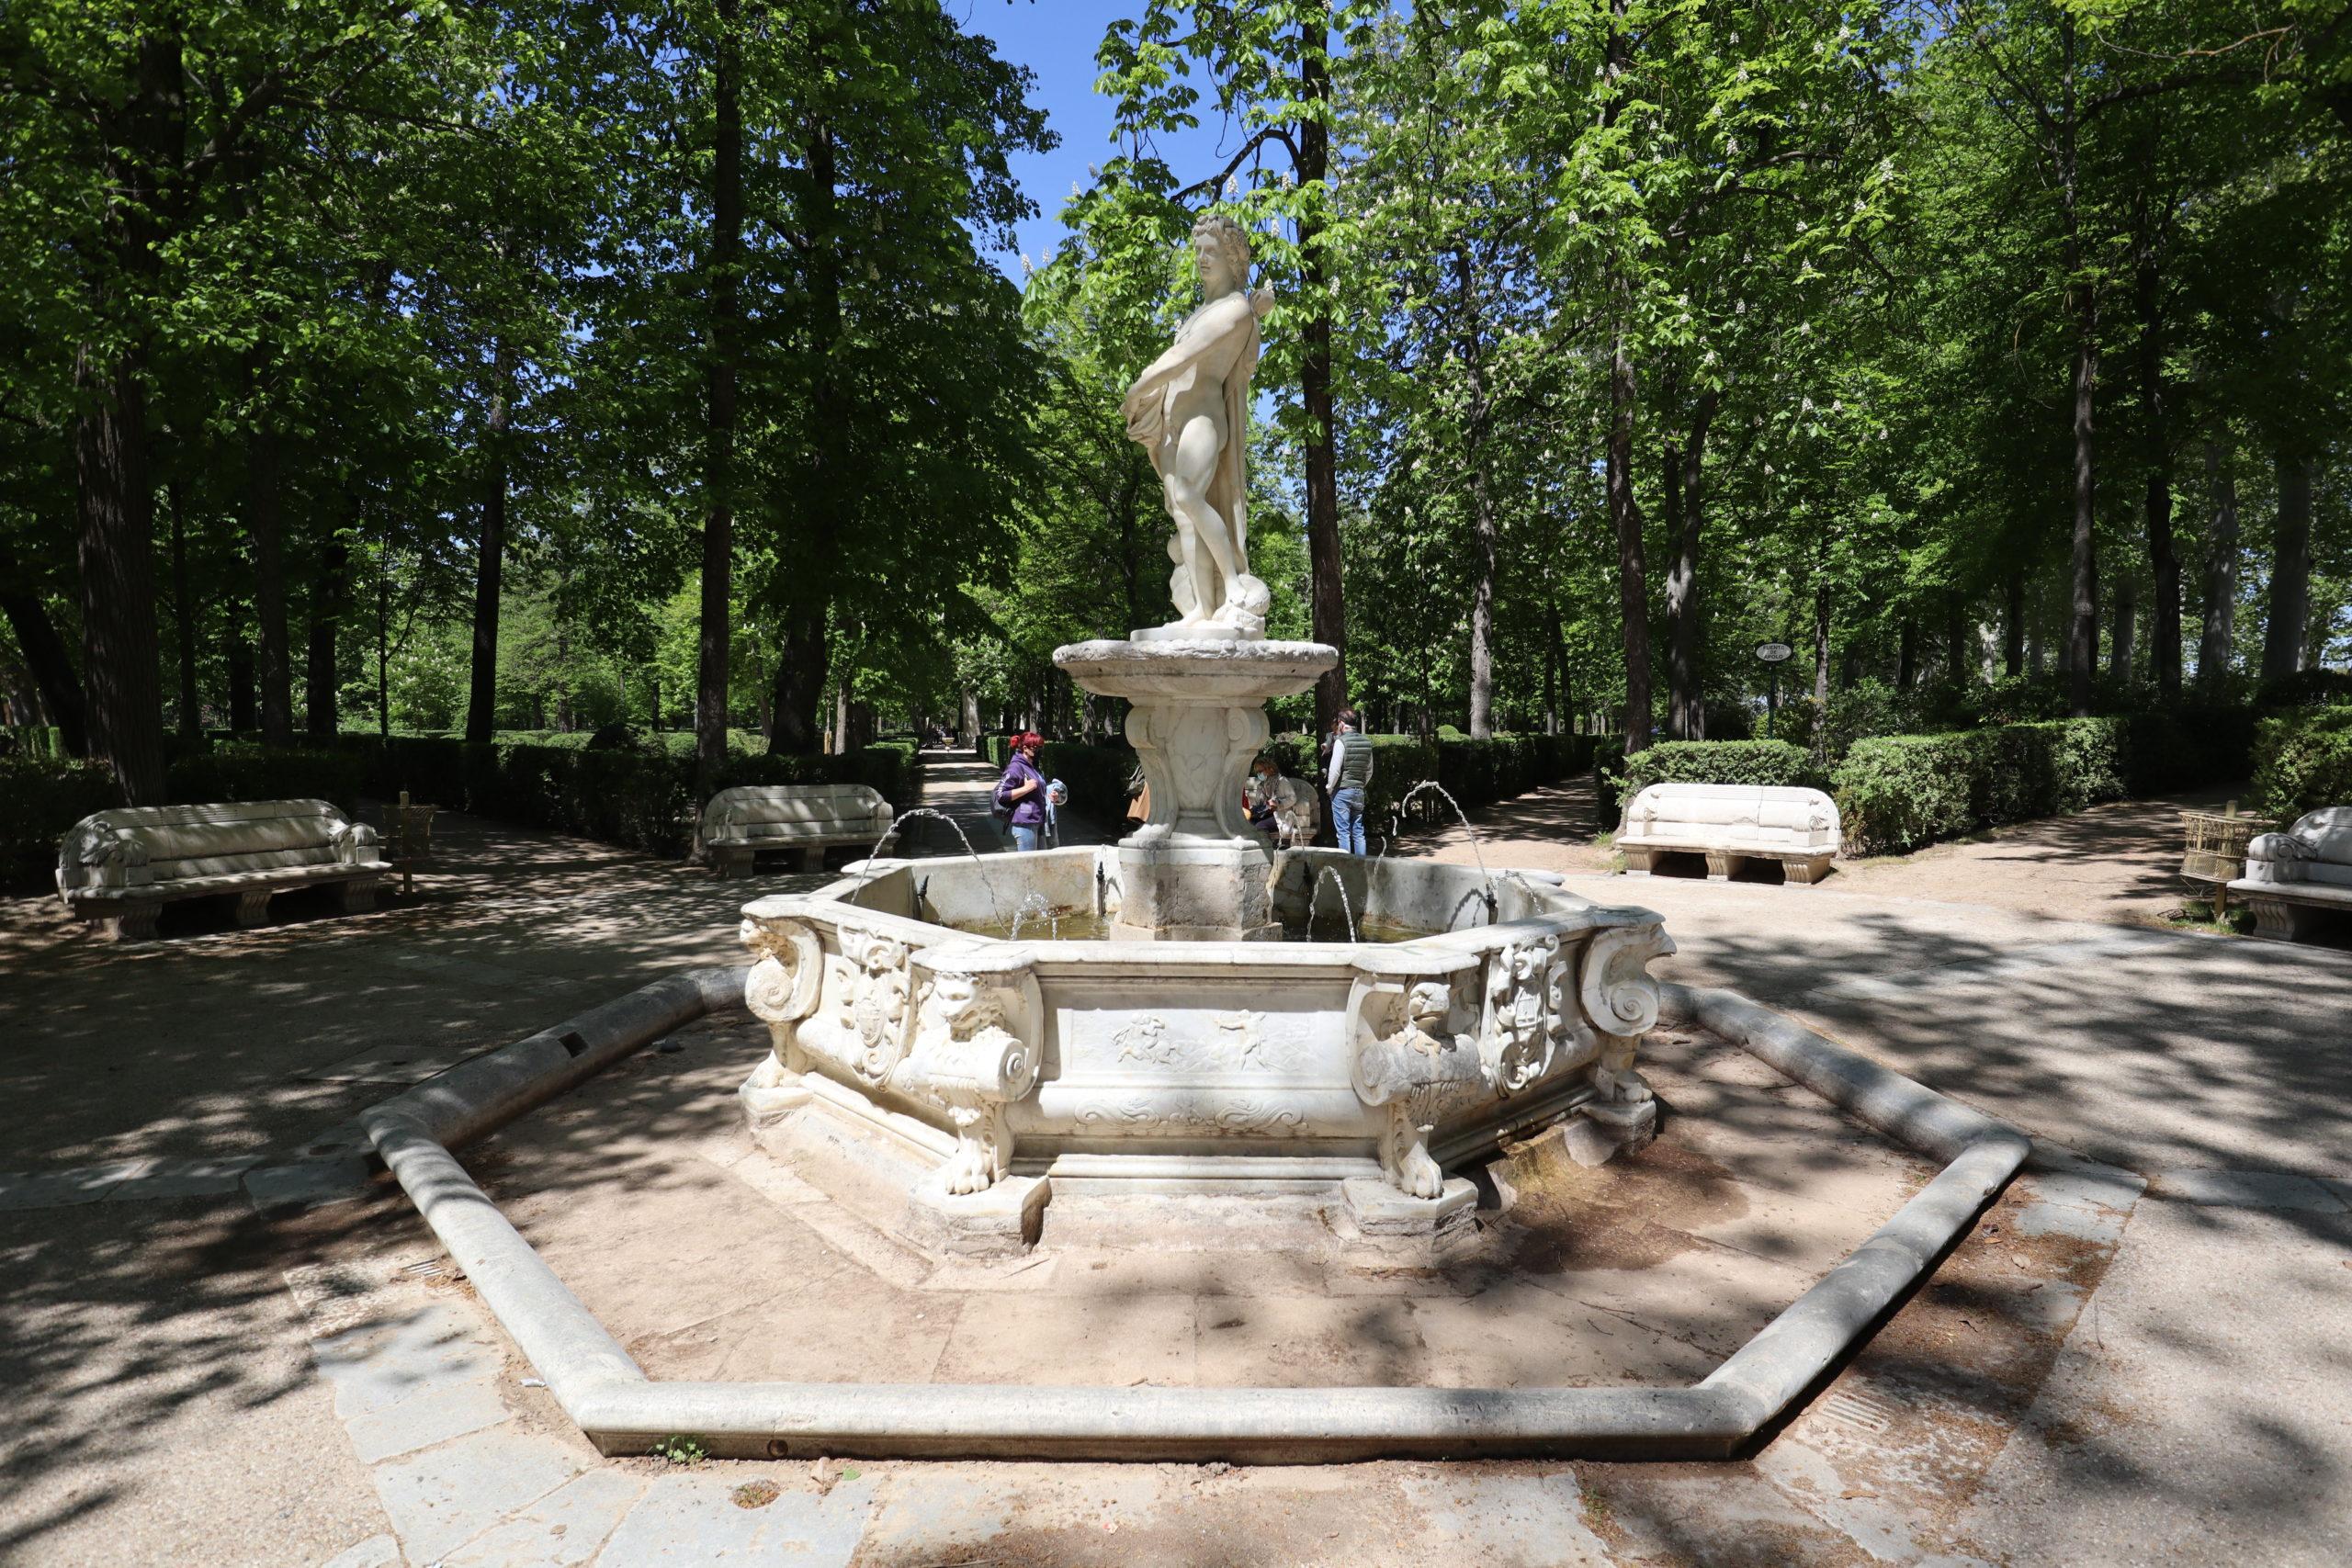 jardin-isla-aranjuez